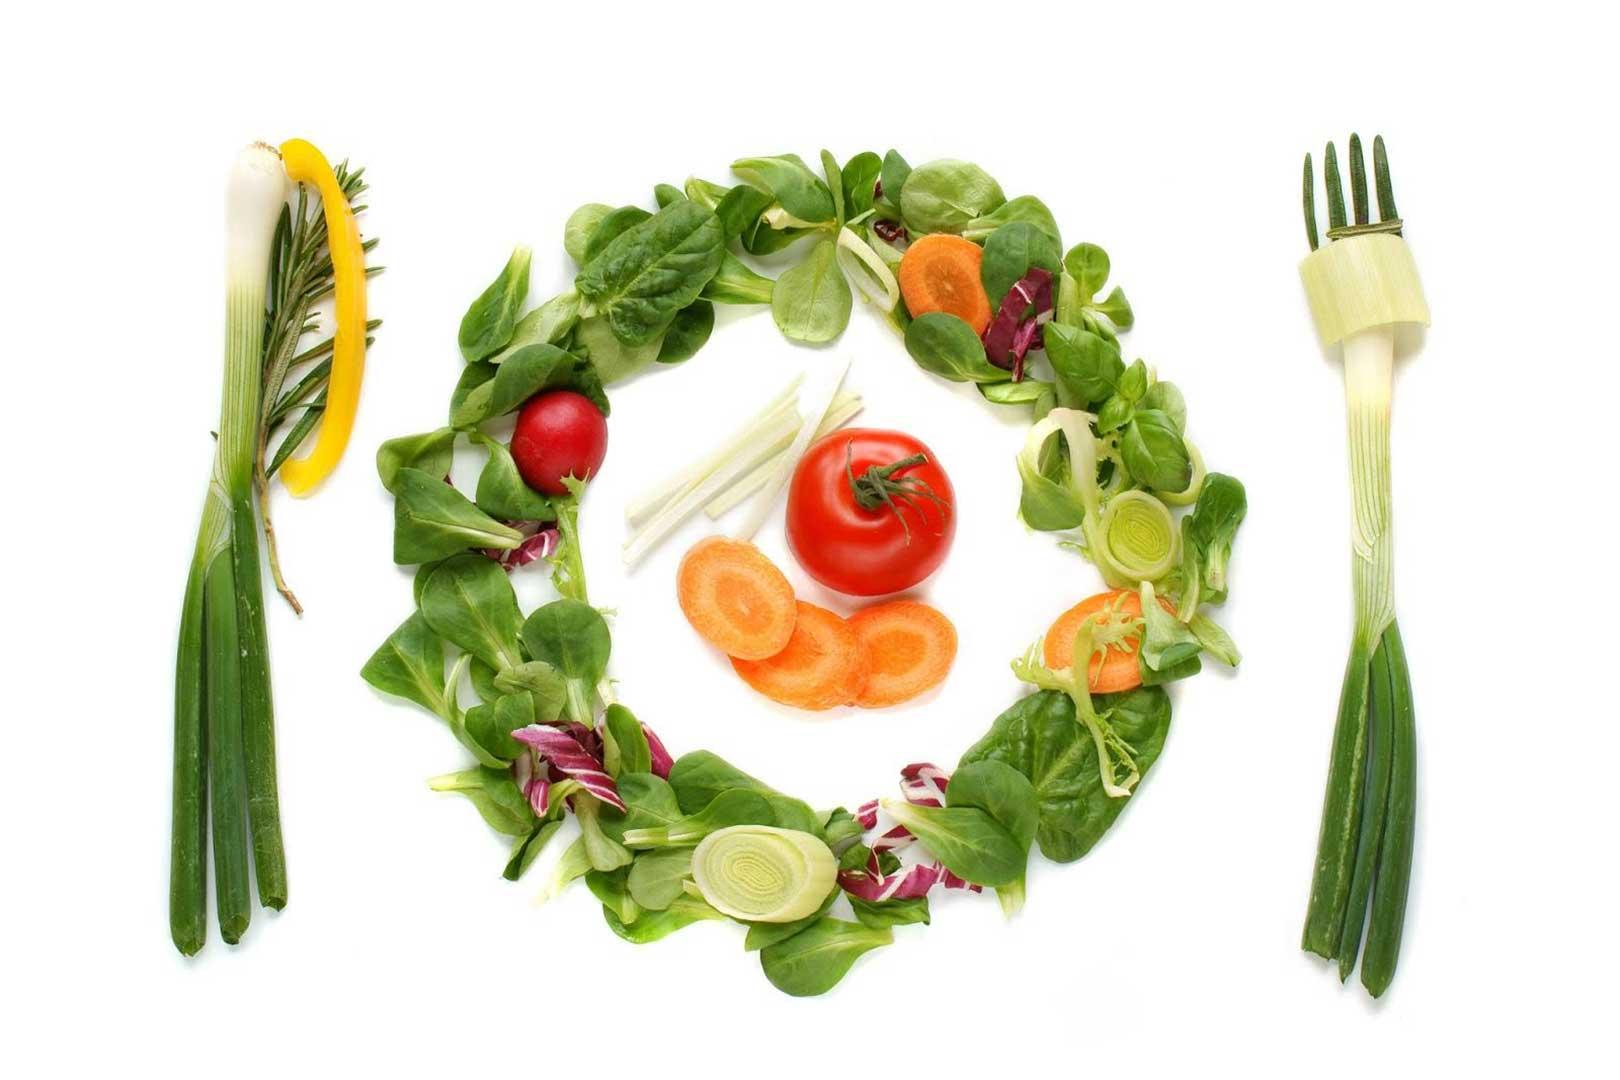 I 10 migliori ristoranti vegetariani e vegani a Milano